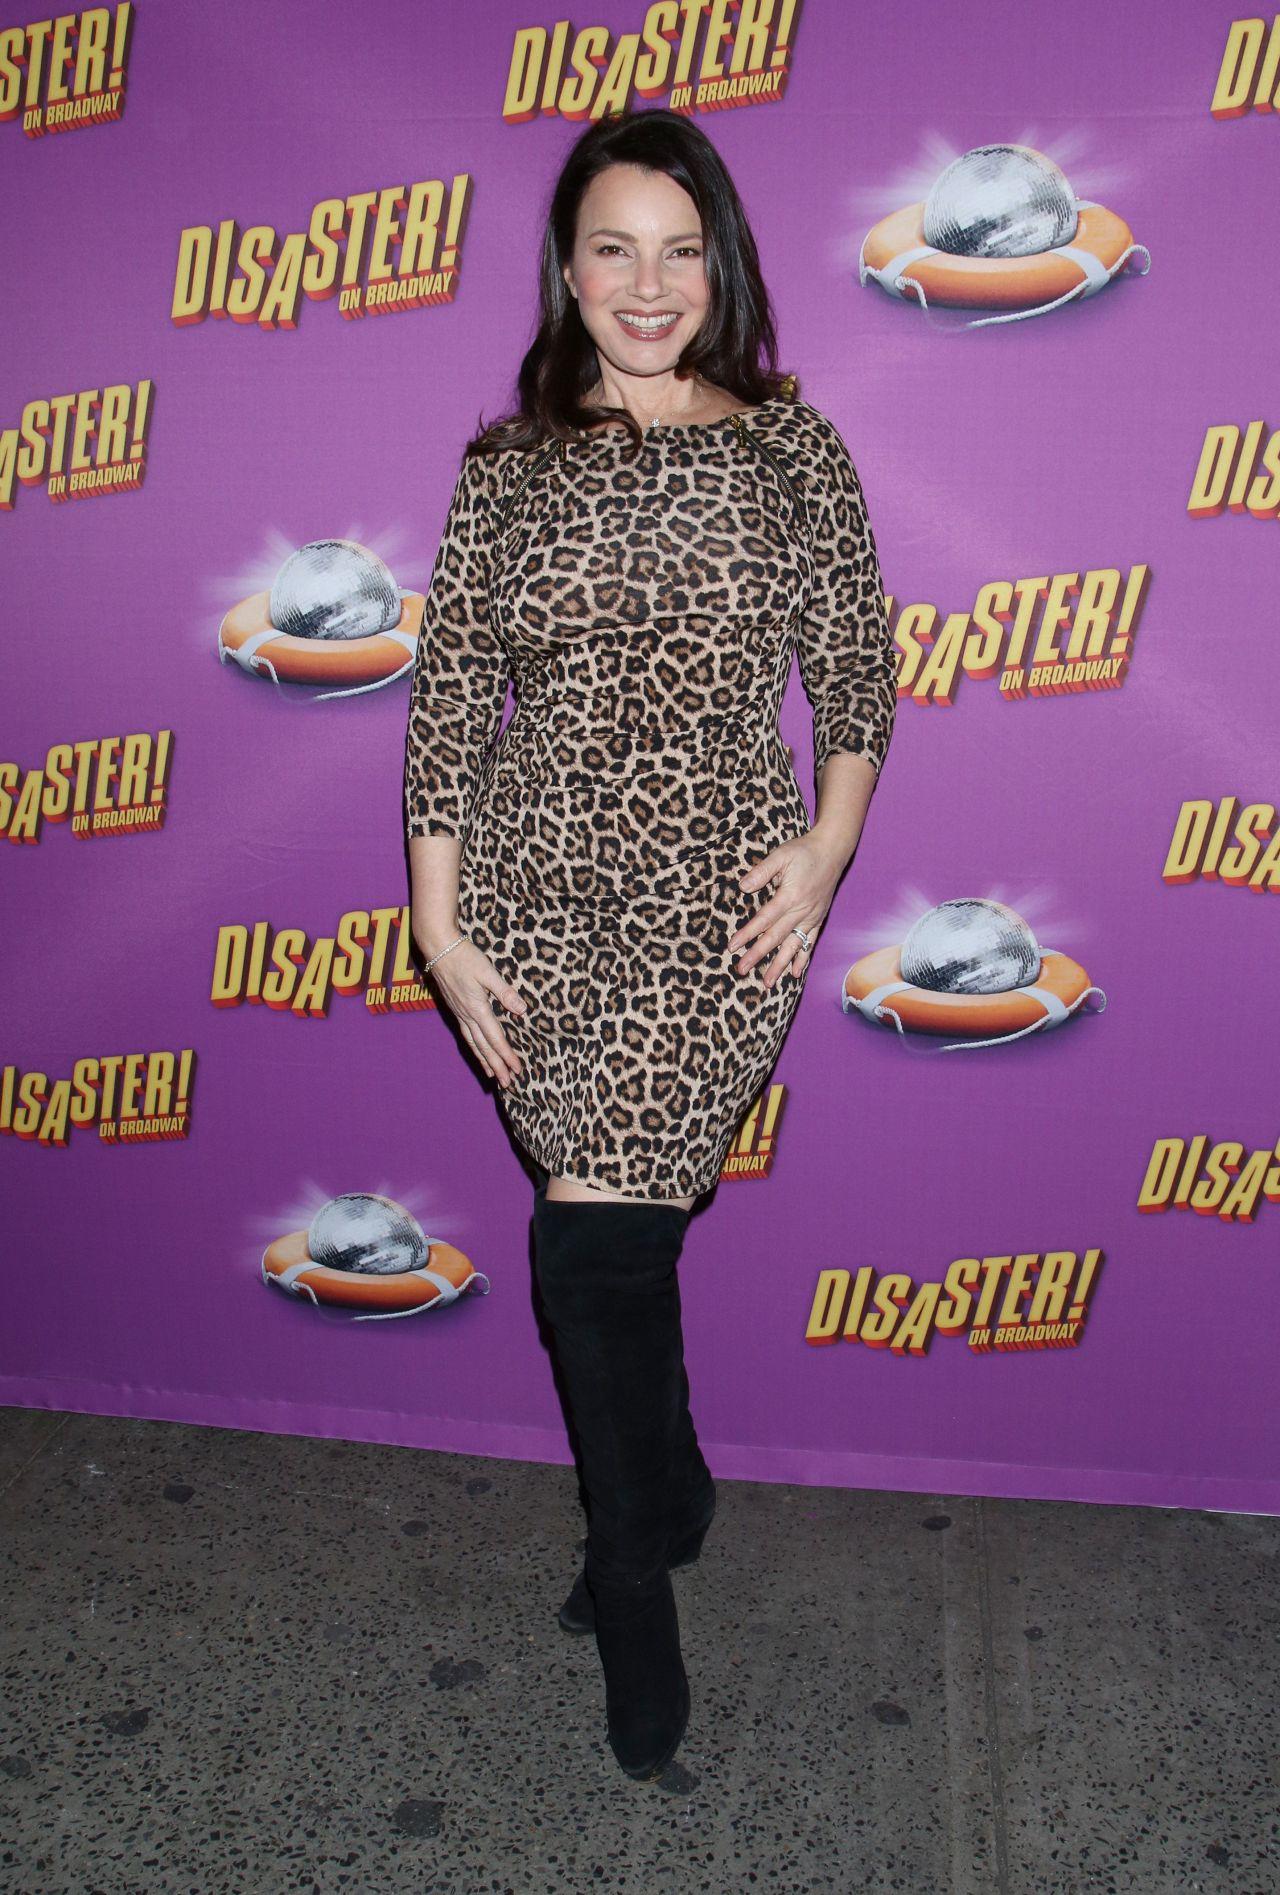 Fran Drescher Disaster Musical Opening Night On